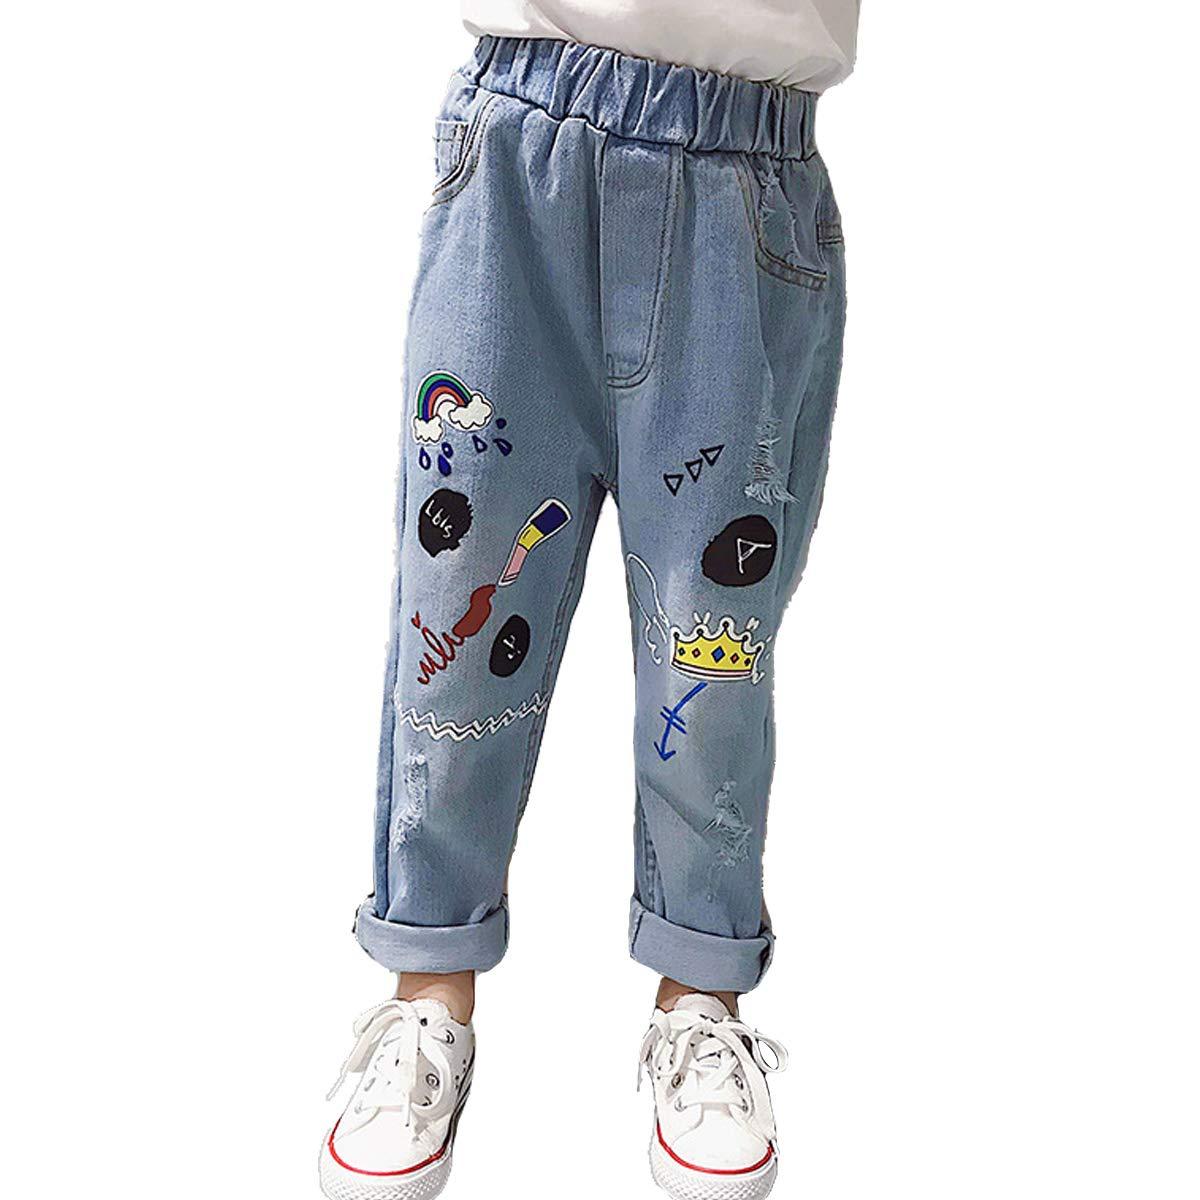 OnlyAngel Girls Denim Pants Cartoon Printed Rolled up Elastic Waist Jeans Age 4-12 (11-12 Years, Blue)